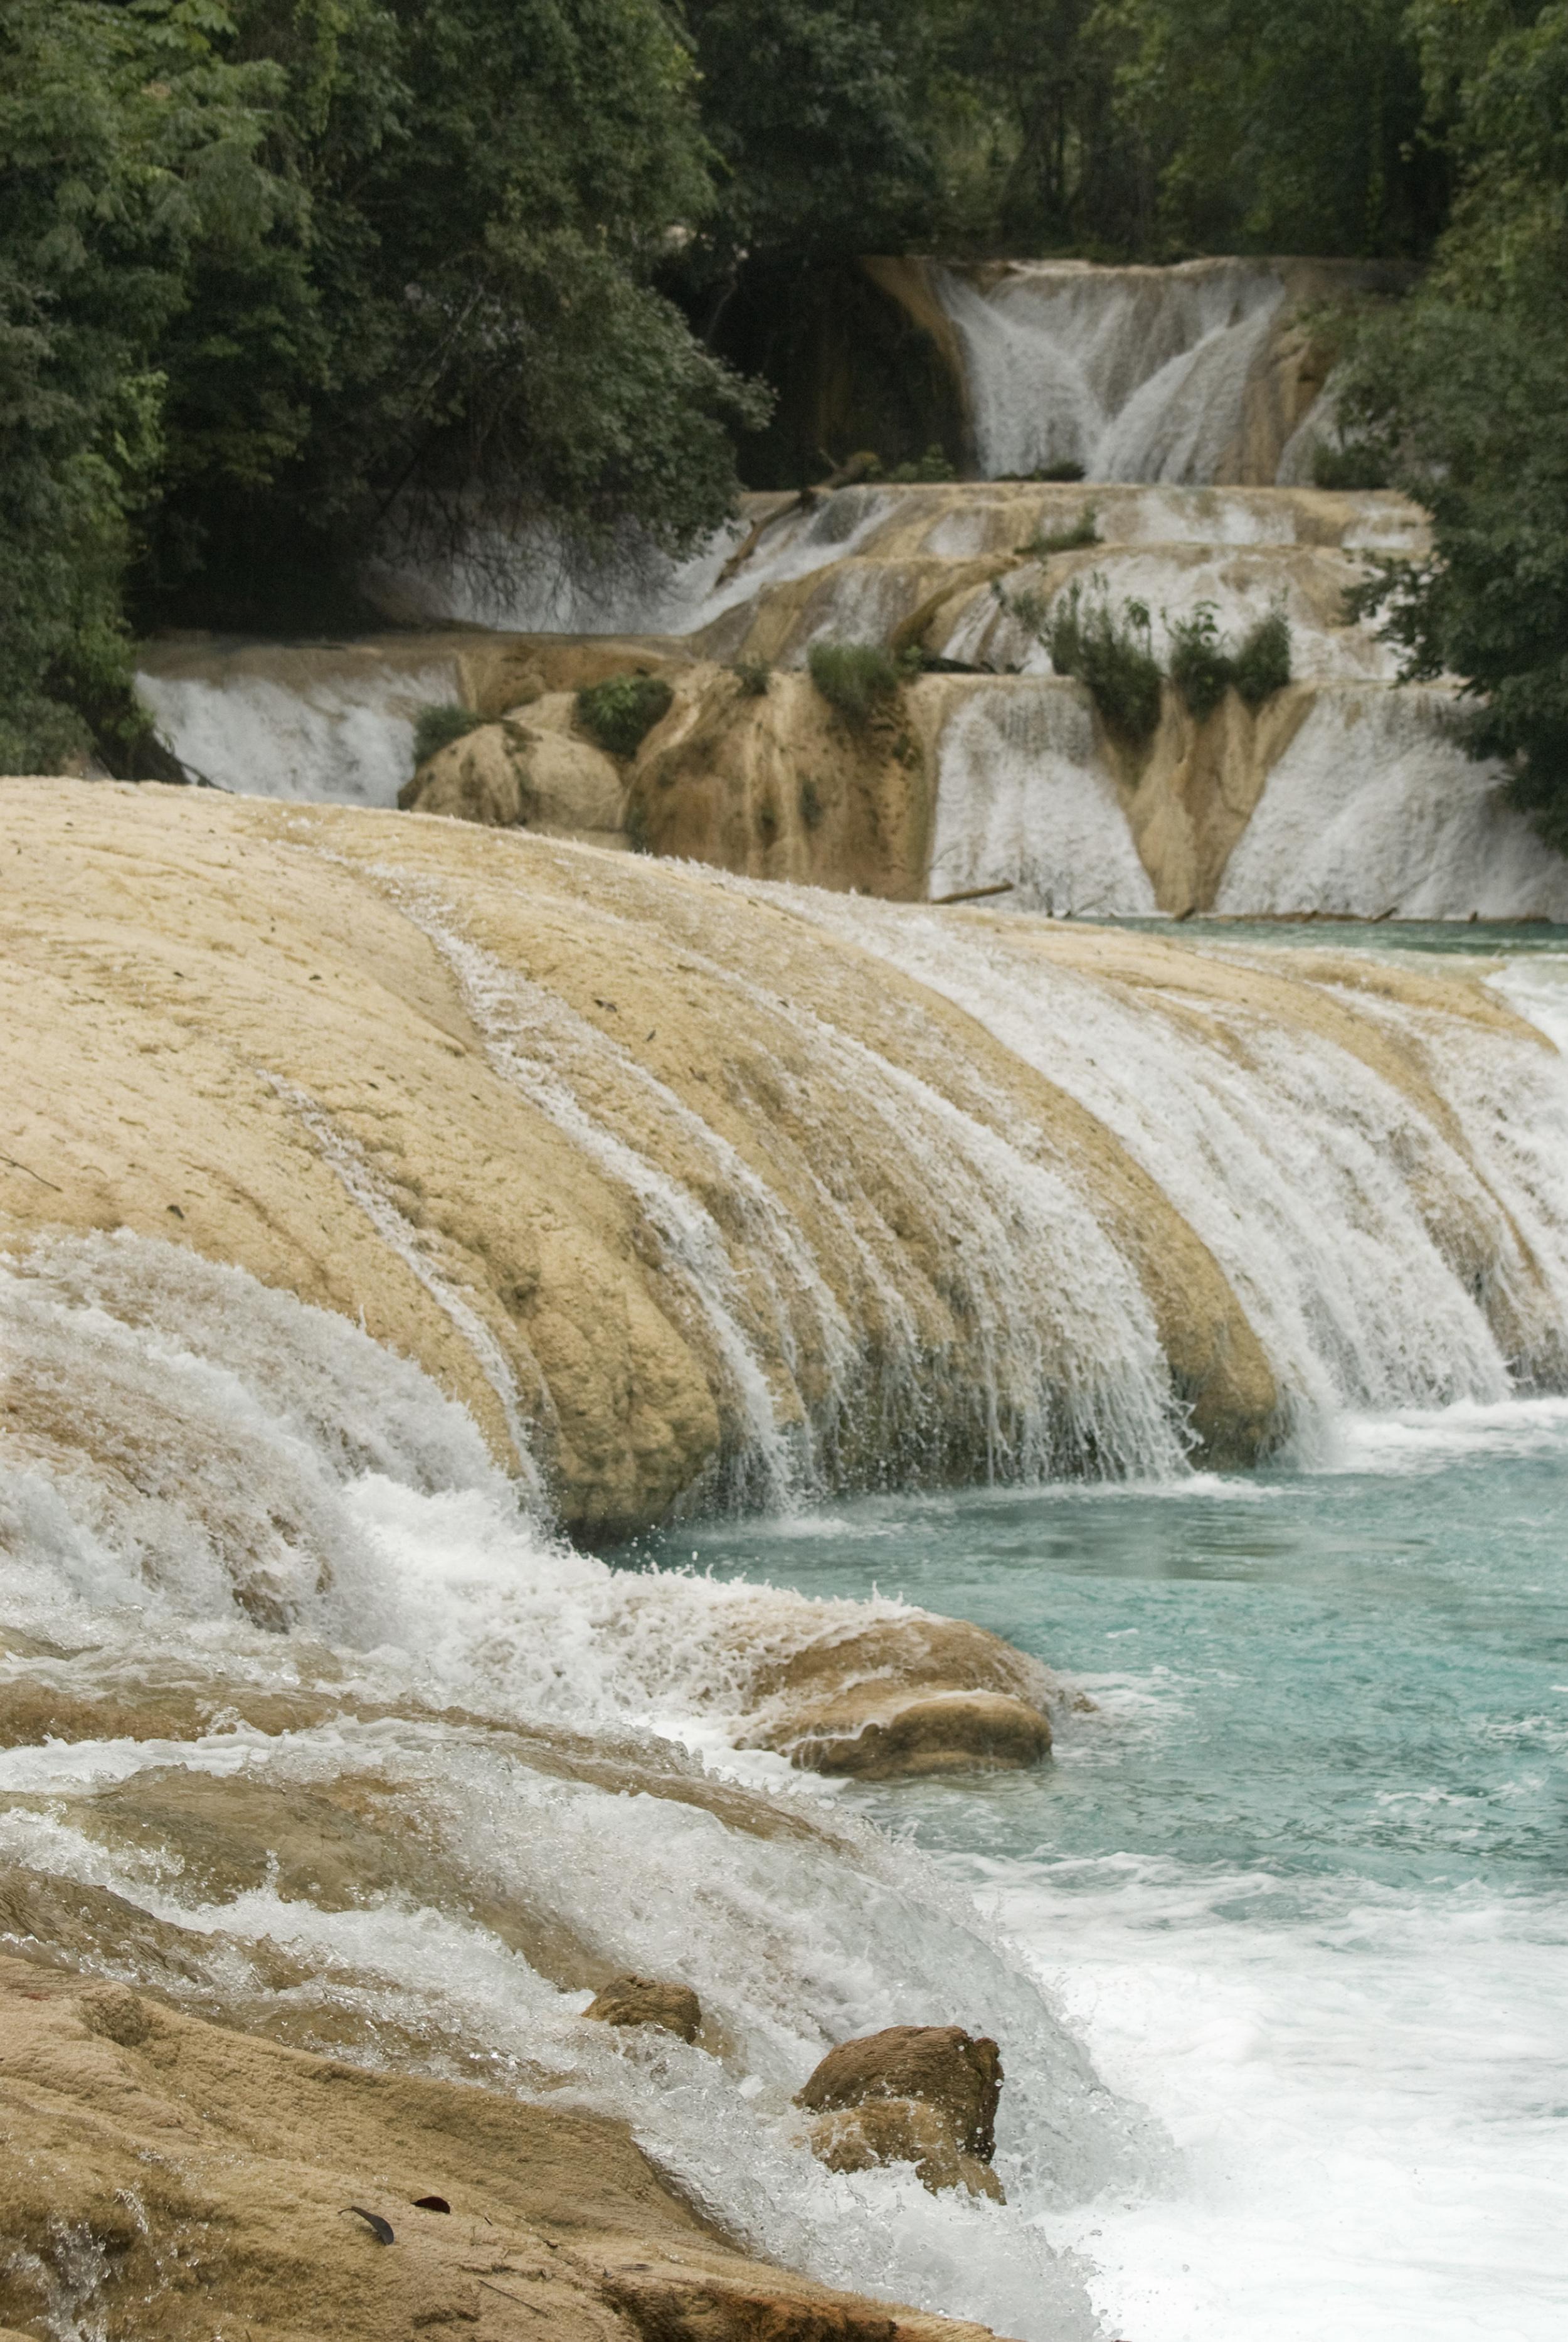 Basel_AguaAzul_Chiapas_Mexico_1128120009_F.jpg